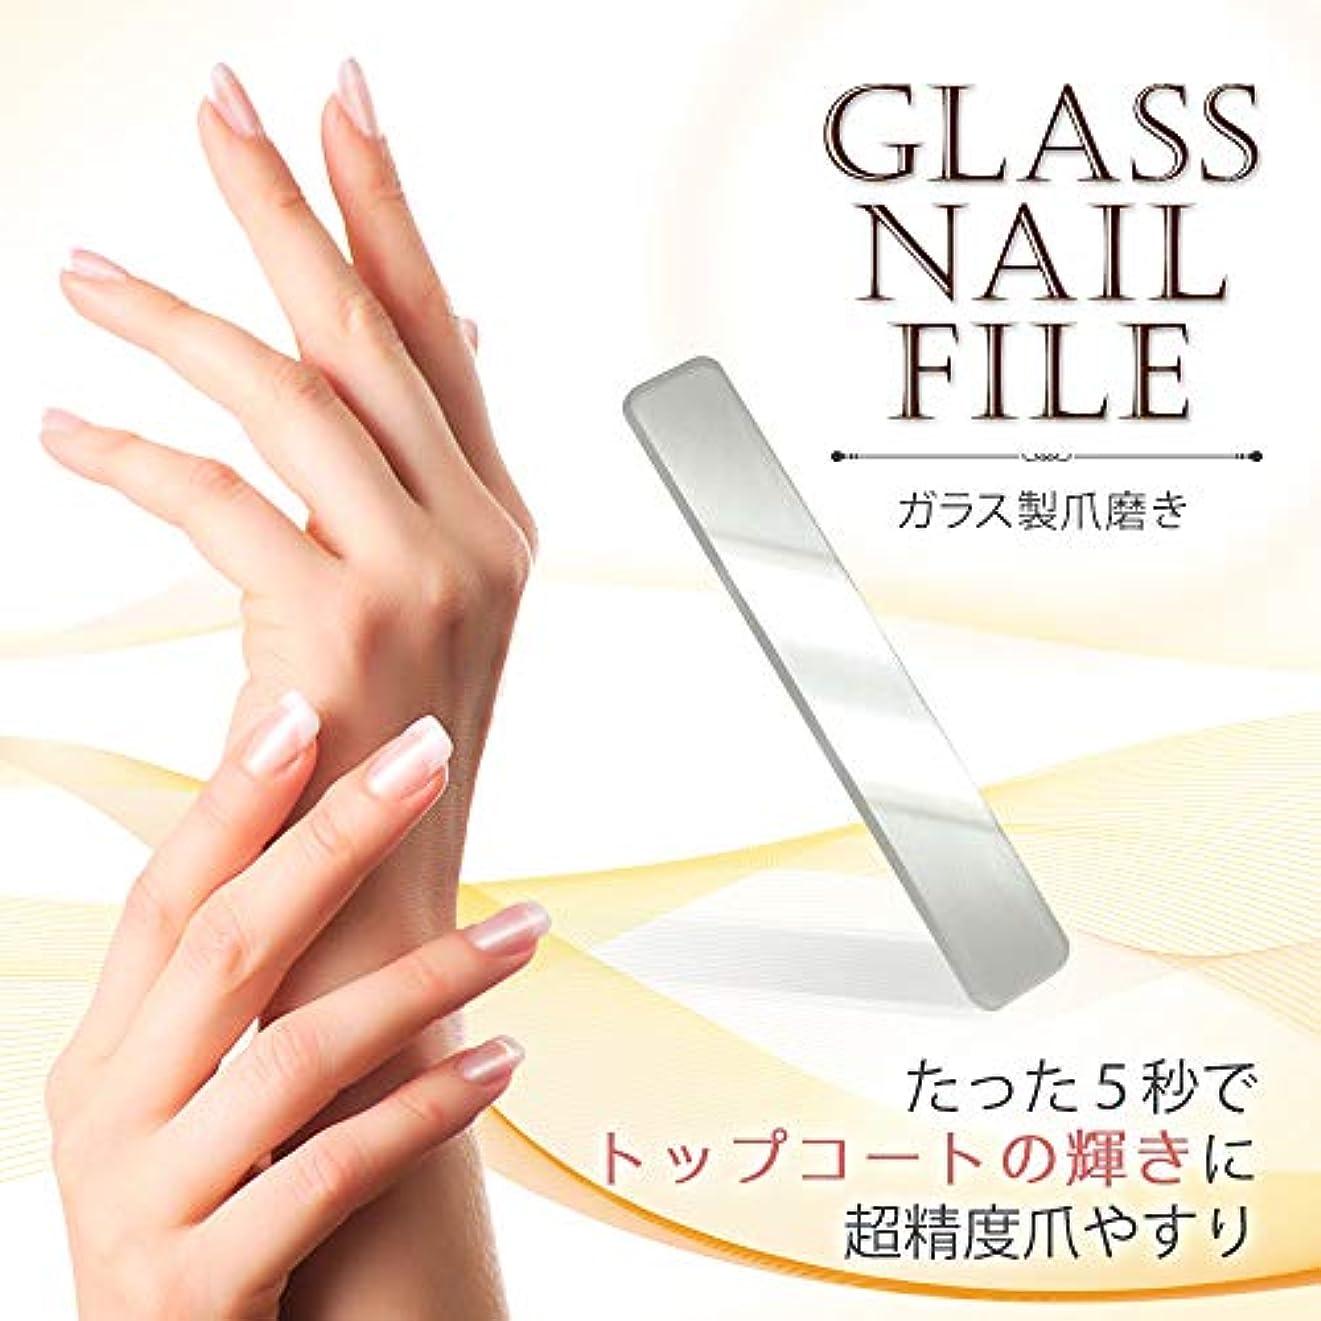 うんモンゴメリーデザイナー5秒で実感 Glass Nail File (ガラス製 爪やすり 爪みがき つめみがき 爪磨き ネイルファイル ネイルシャイナー グラスシャイナー バッファー ネイルケア 爪ケア)